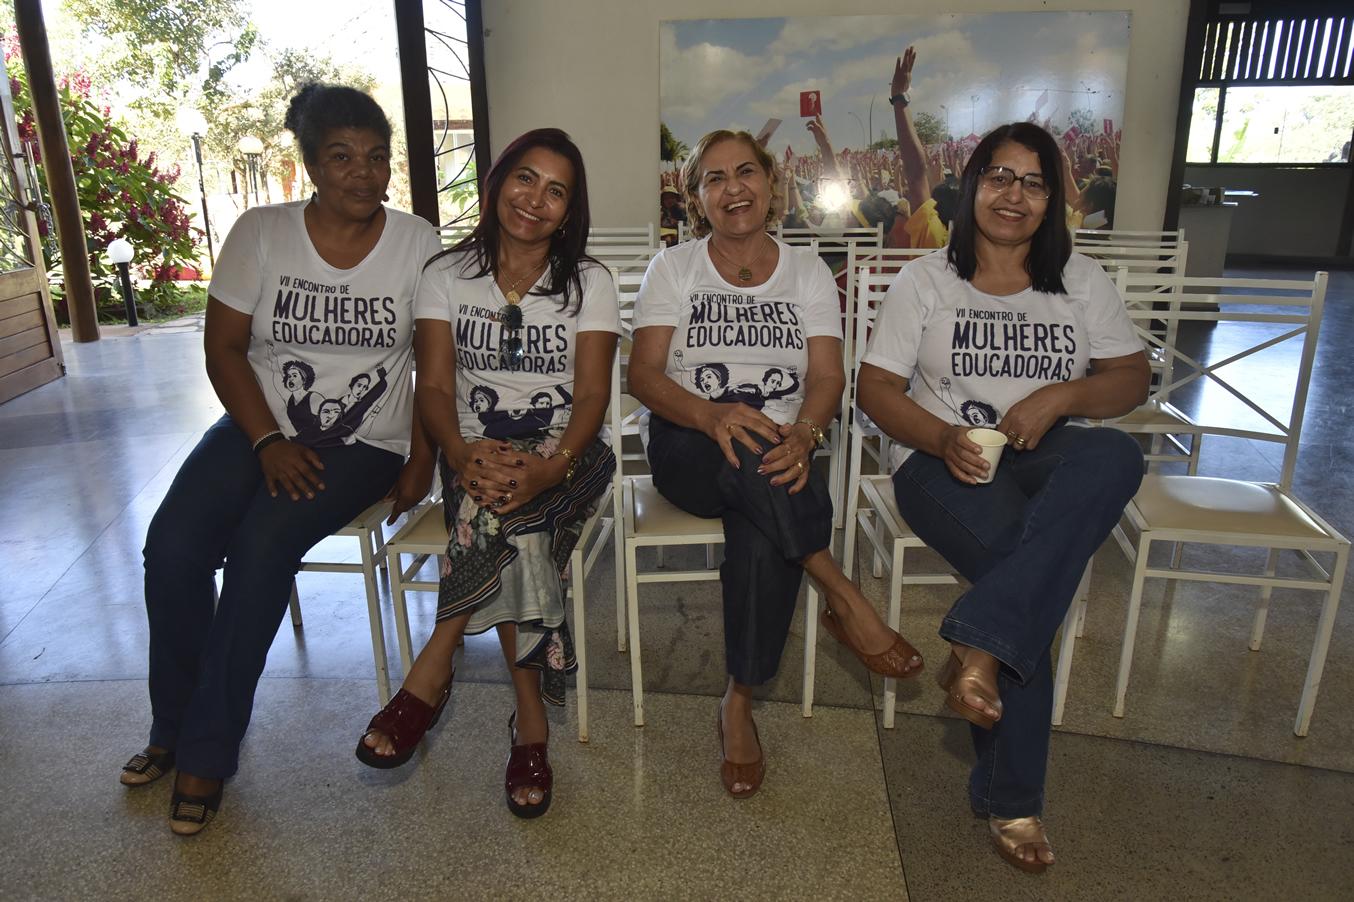 2019.04.27_ENCONTRO-MULHERES-EDUCADORAS_fotos-Deva-Garcia-28